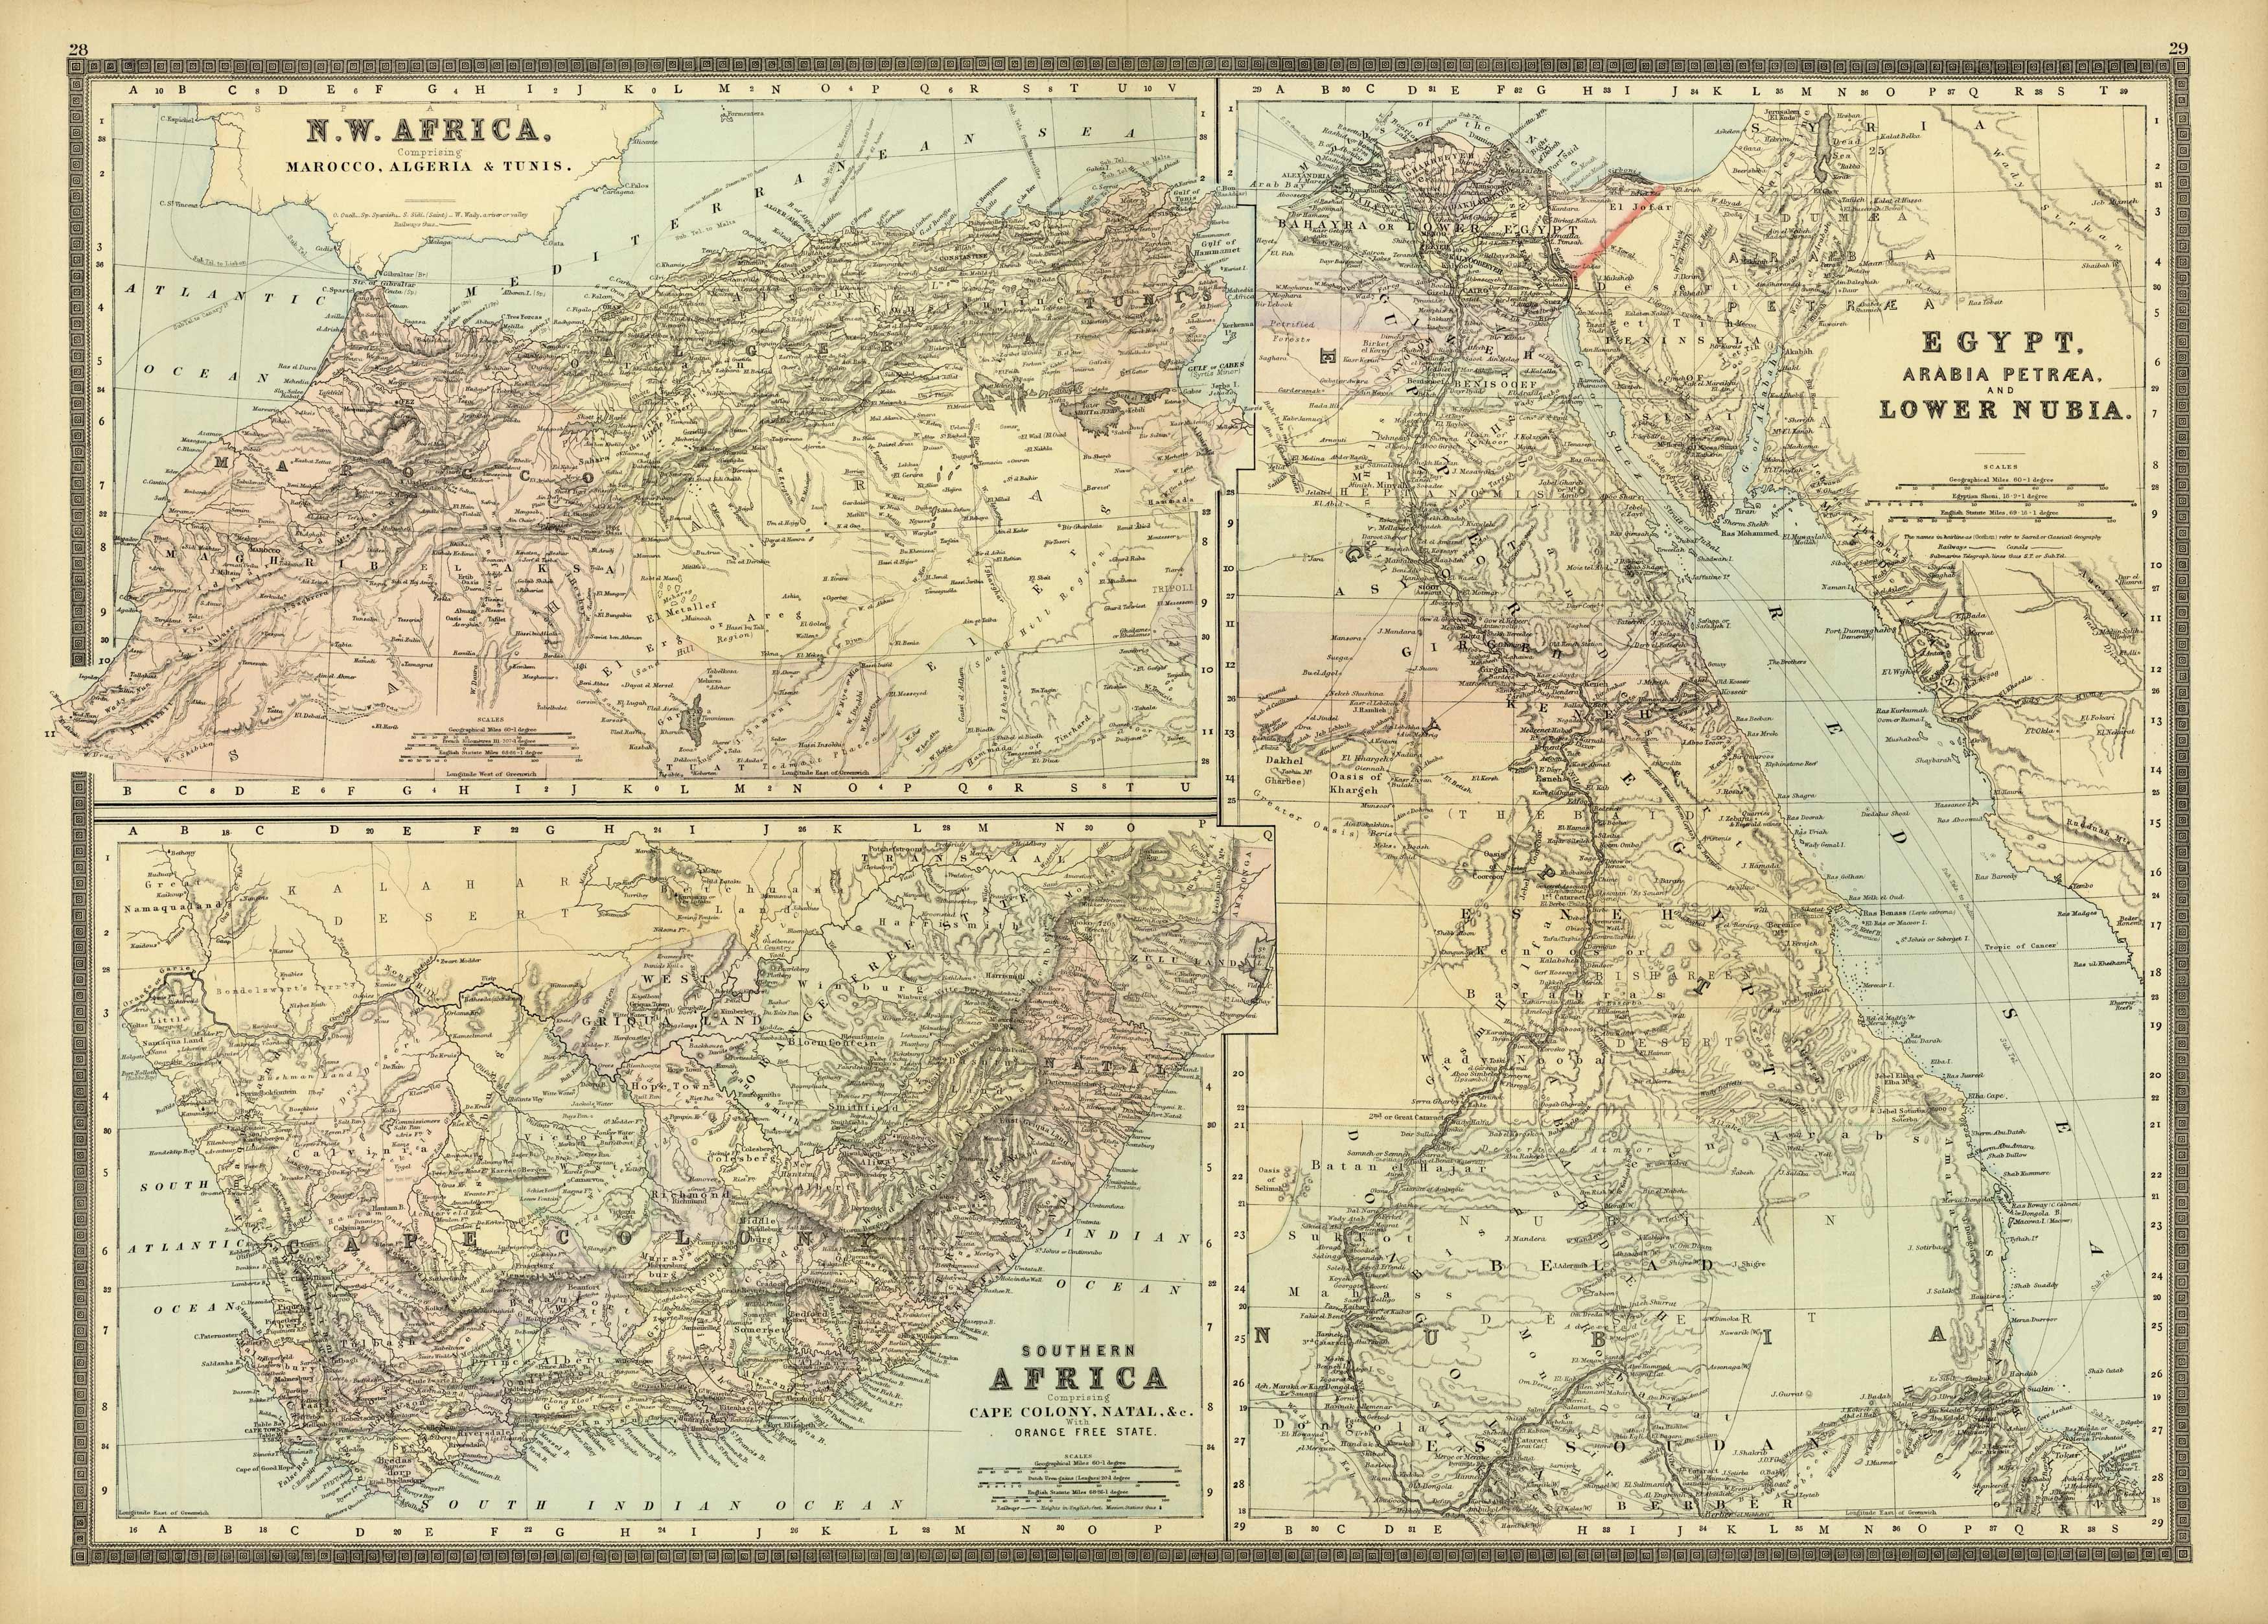 N.W. Africa